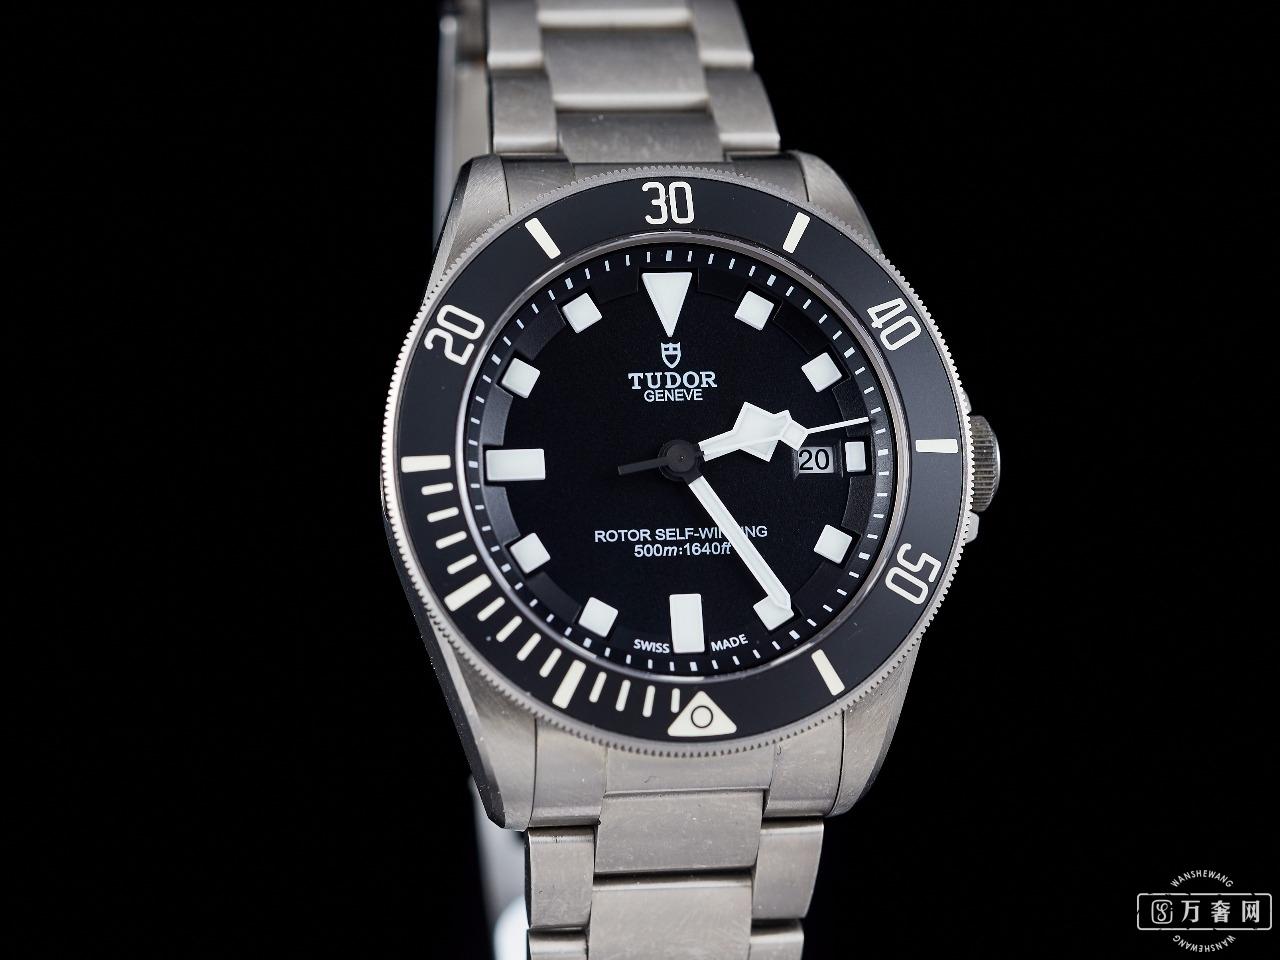 第二次入手机械表 最终选择了帝舵小刚盾 深圳高价回收帝陀手表